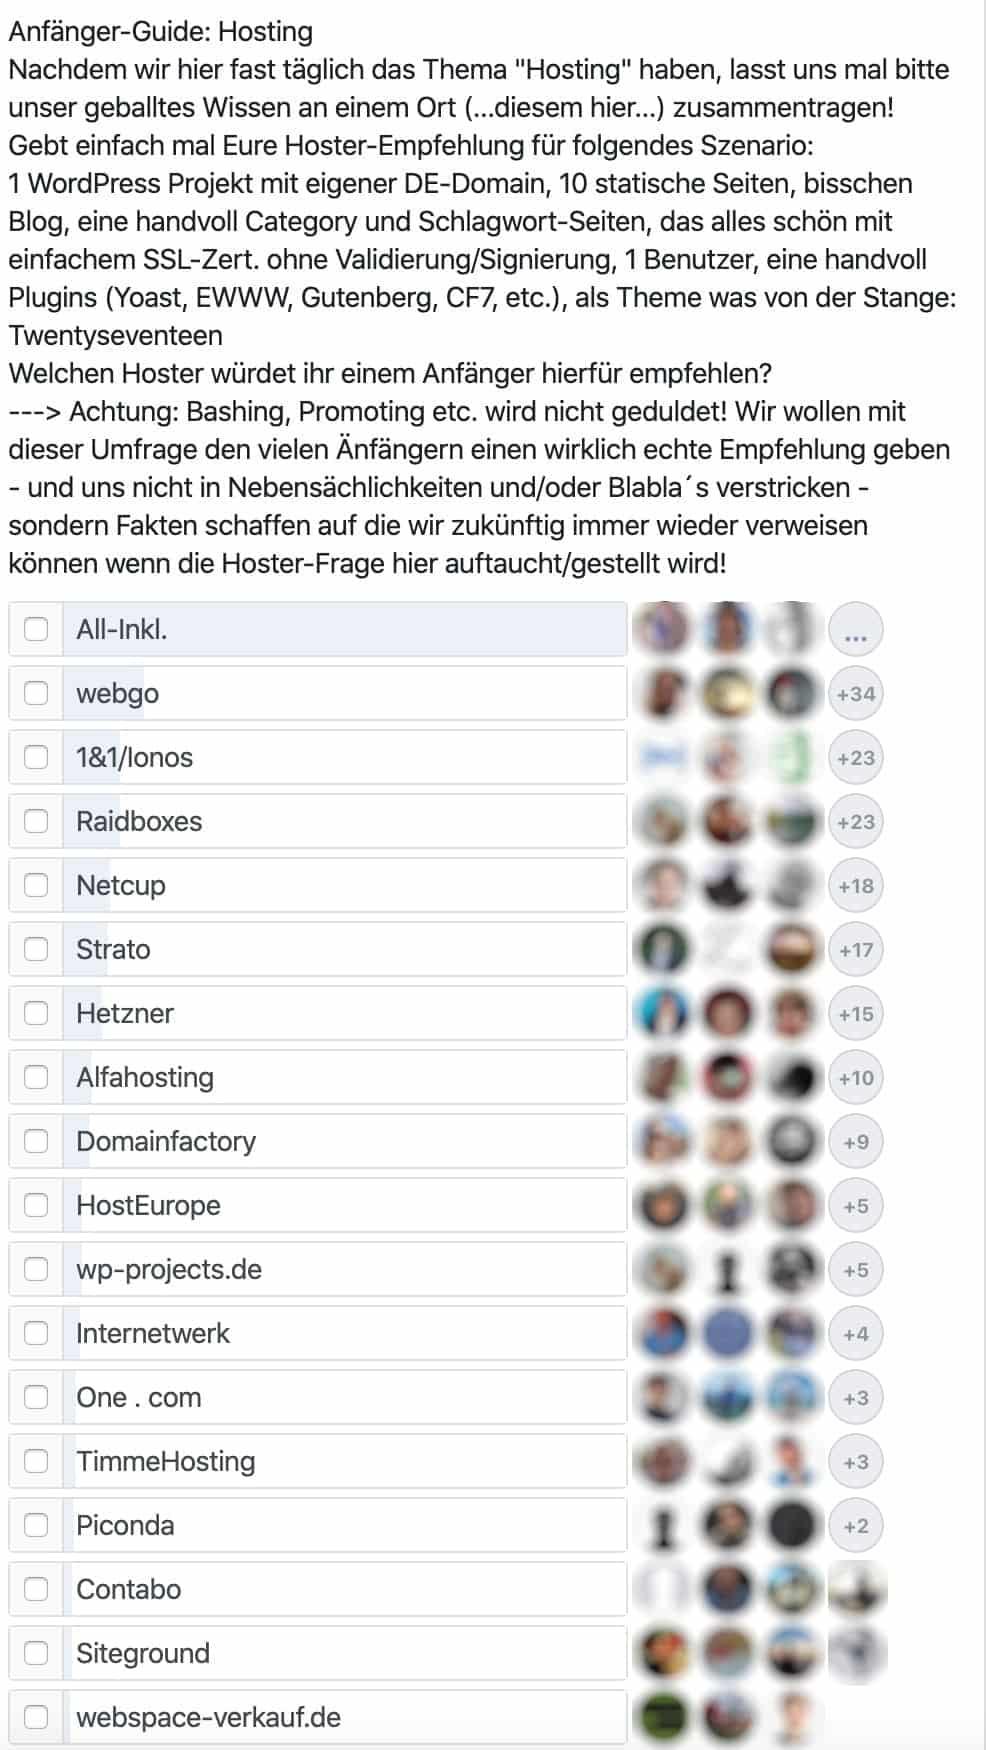 Umfrage in Facebook-Gruppe nach Hoster-Empfehlung